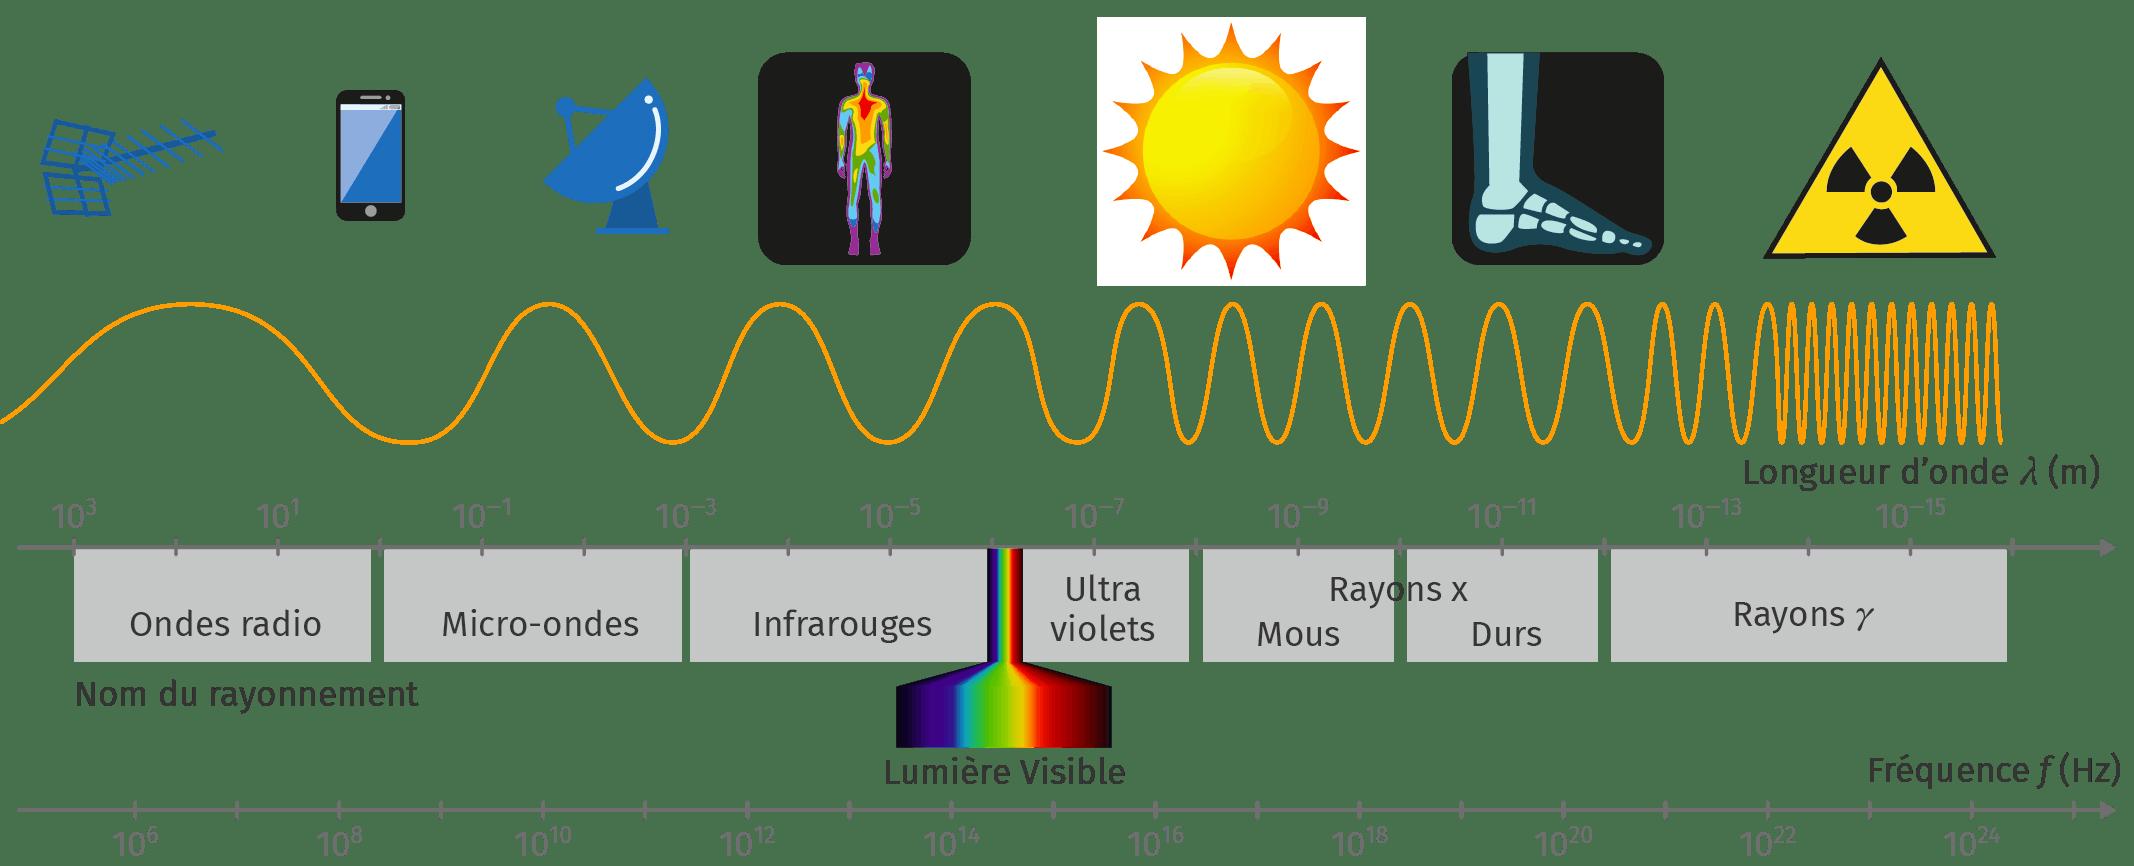 Le spectre électromagnétique simplifié